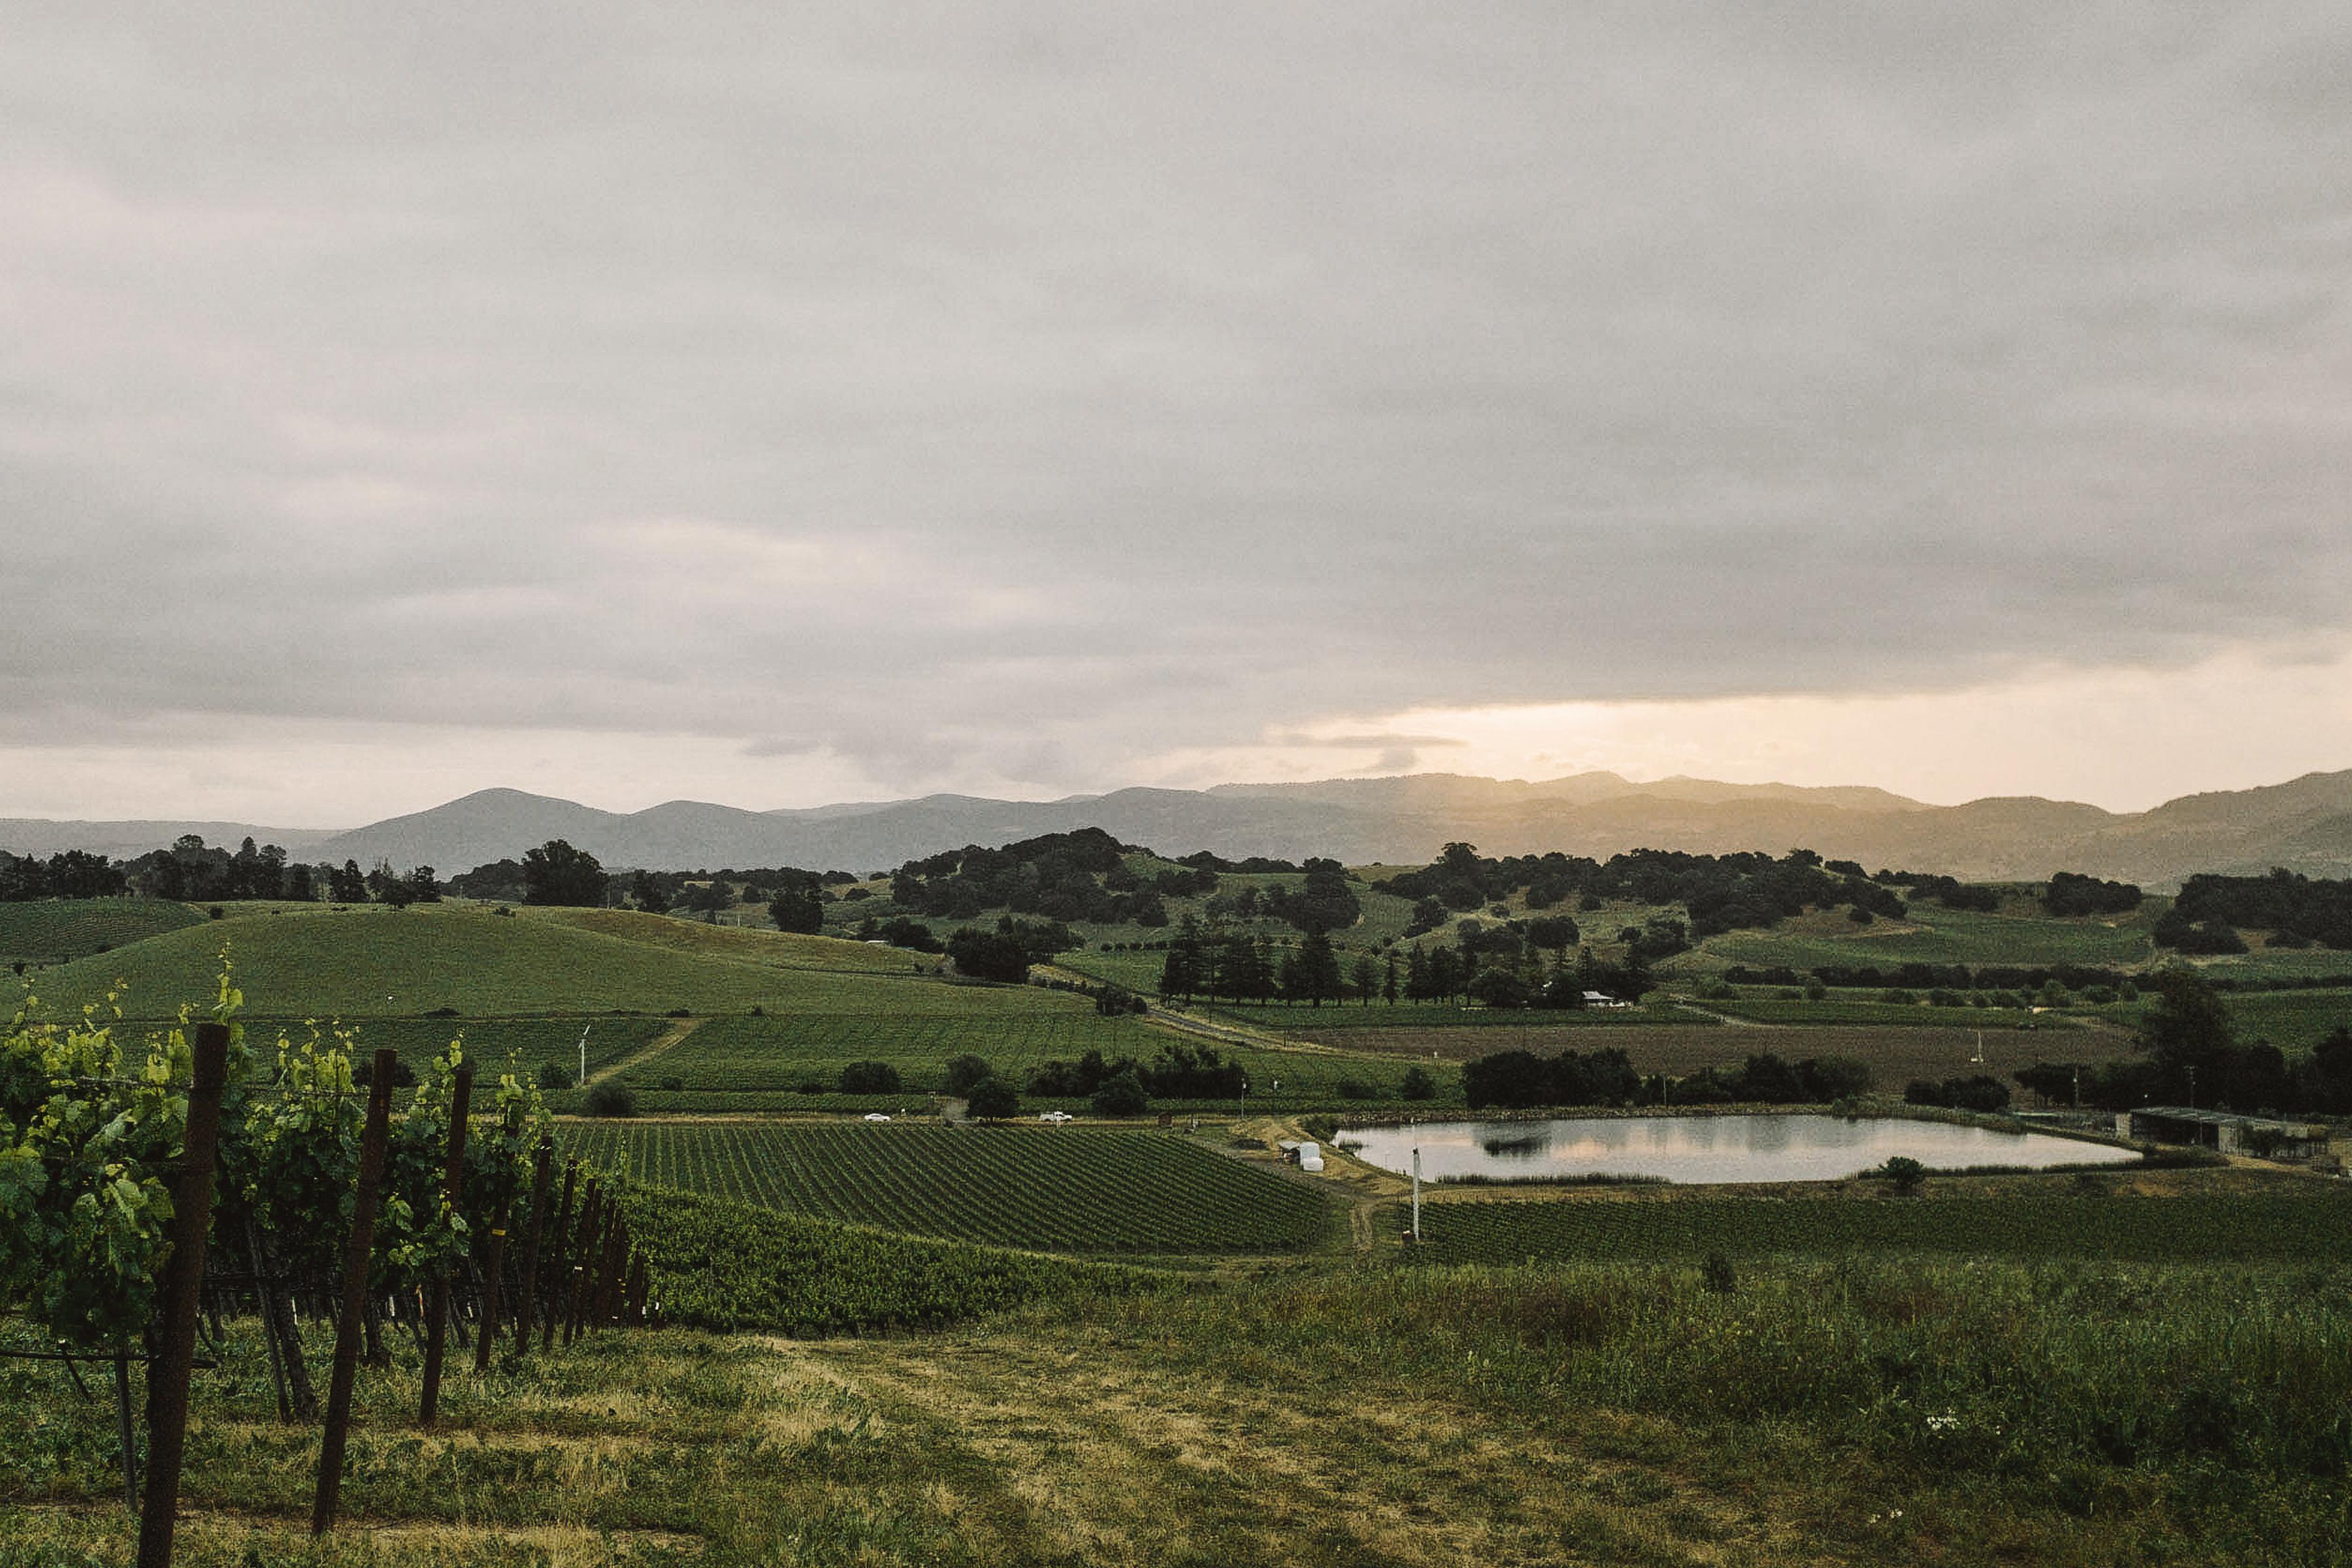 Gran Val Vineyard, Carneros, Napa Valley